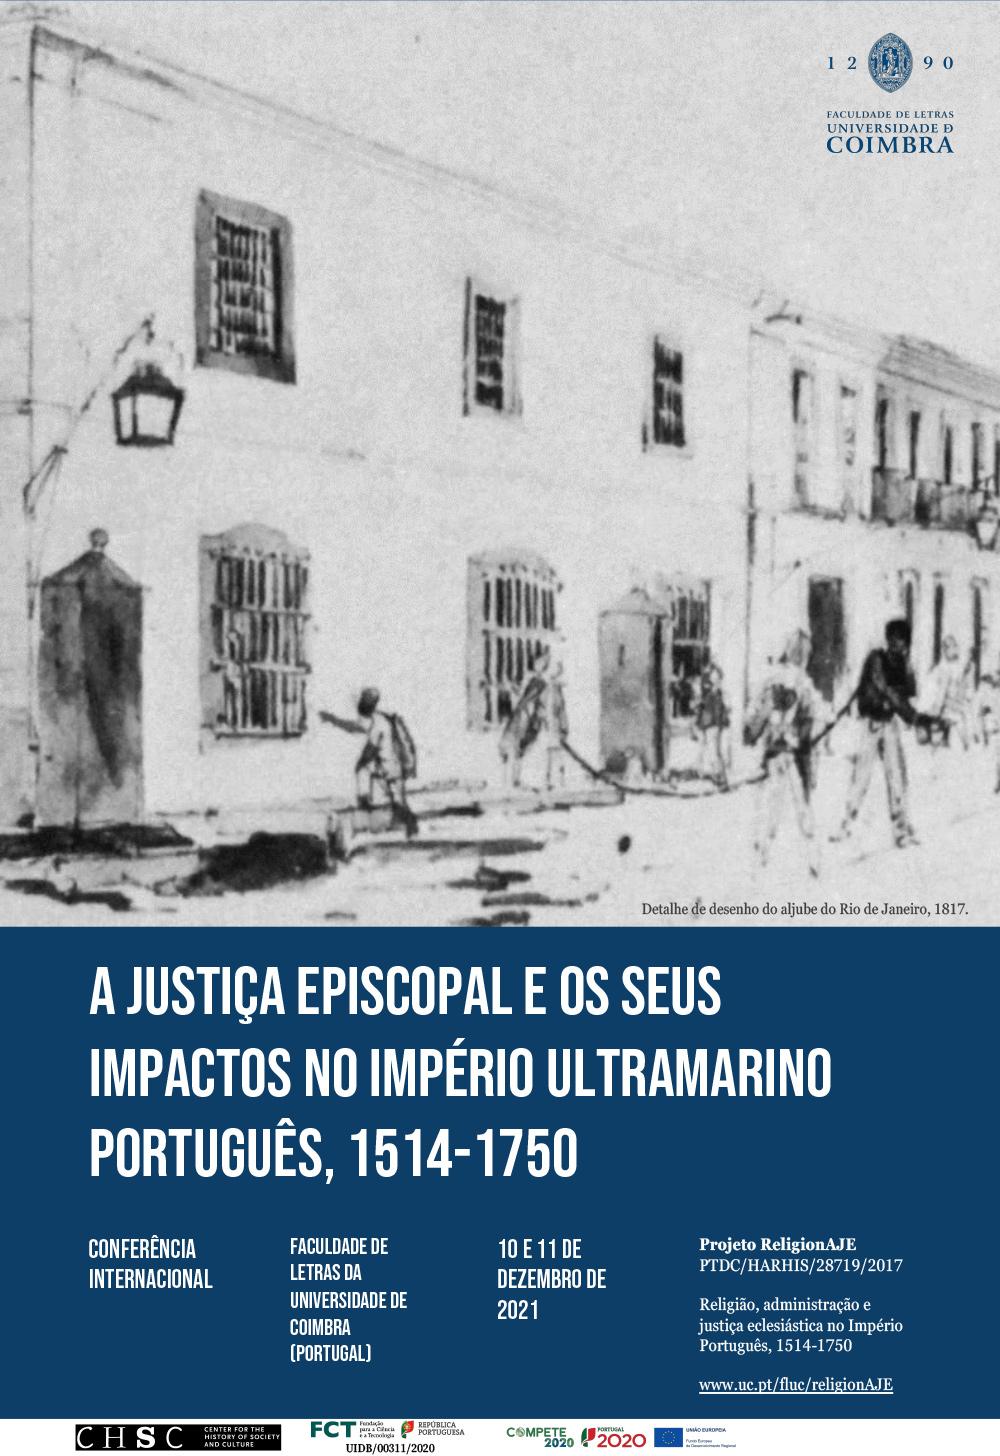 A justiça episcopal e os seus impactos no império ultramarino português 1514-1750